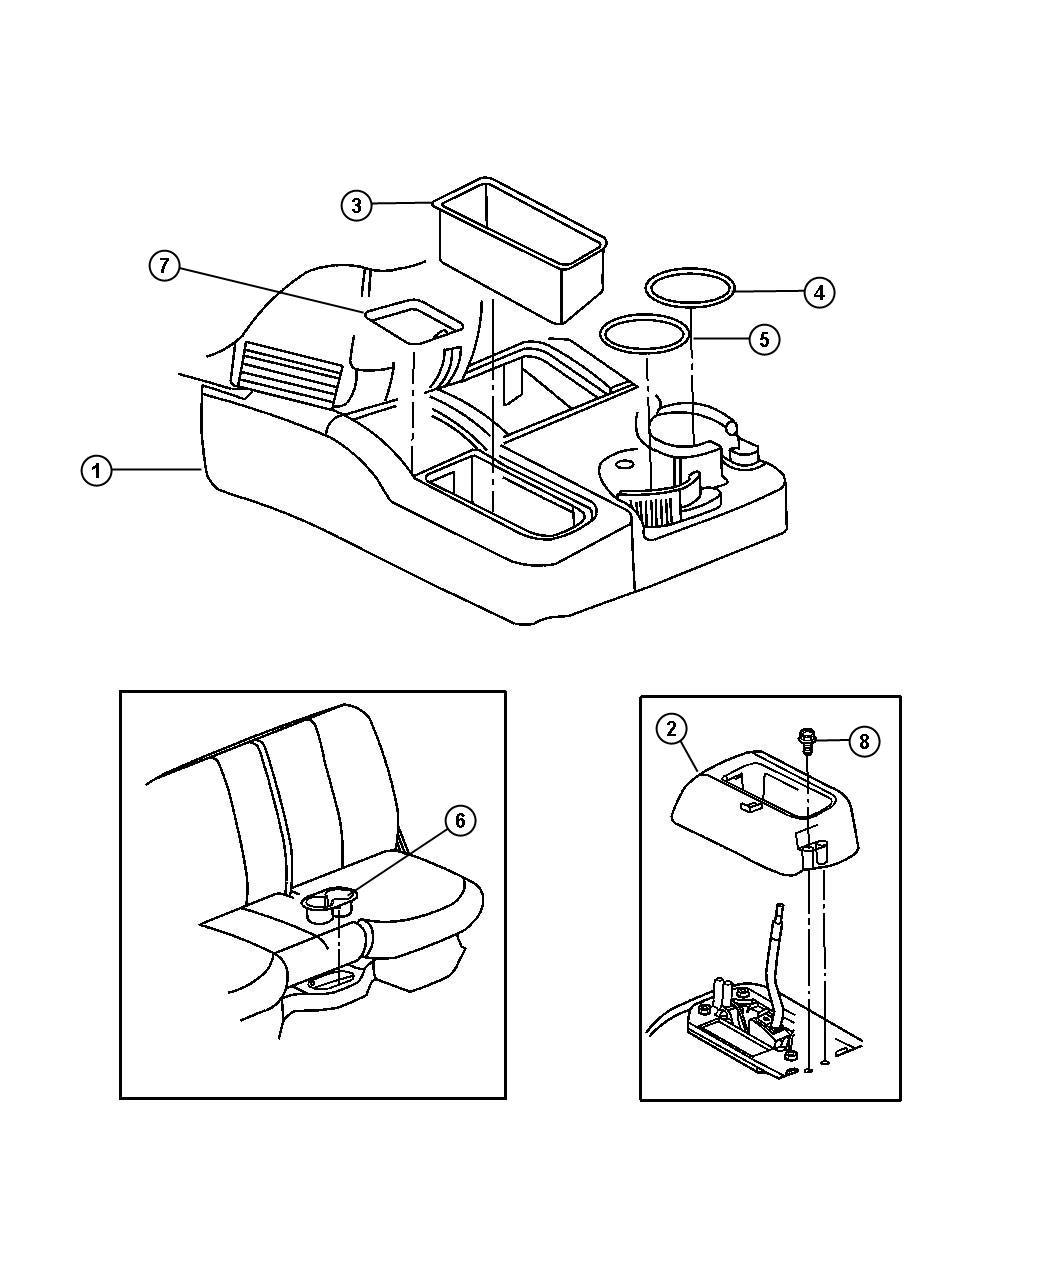 Dodge Ram 1500 Boot. Gear shift lever. Upper. [6-speed